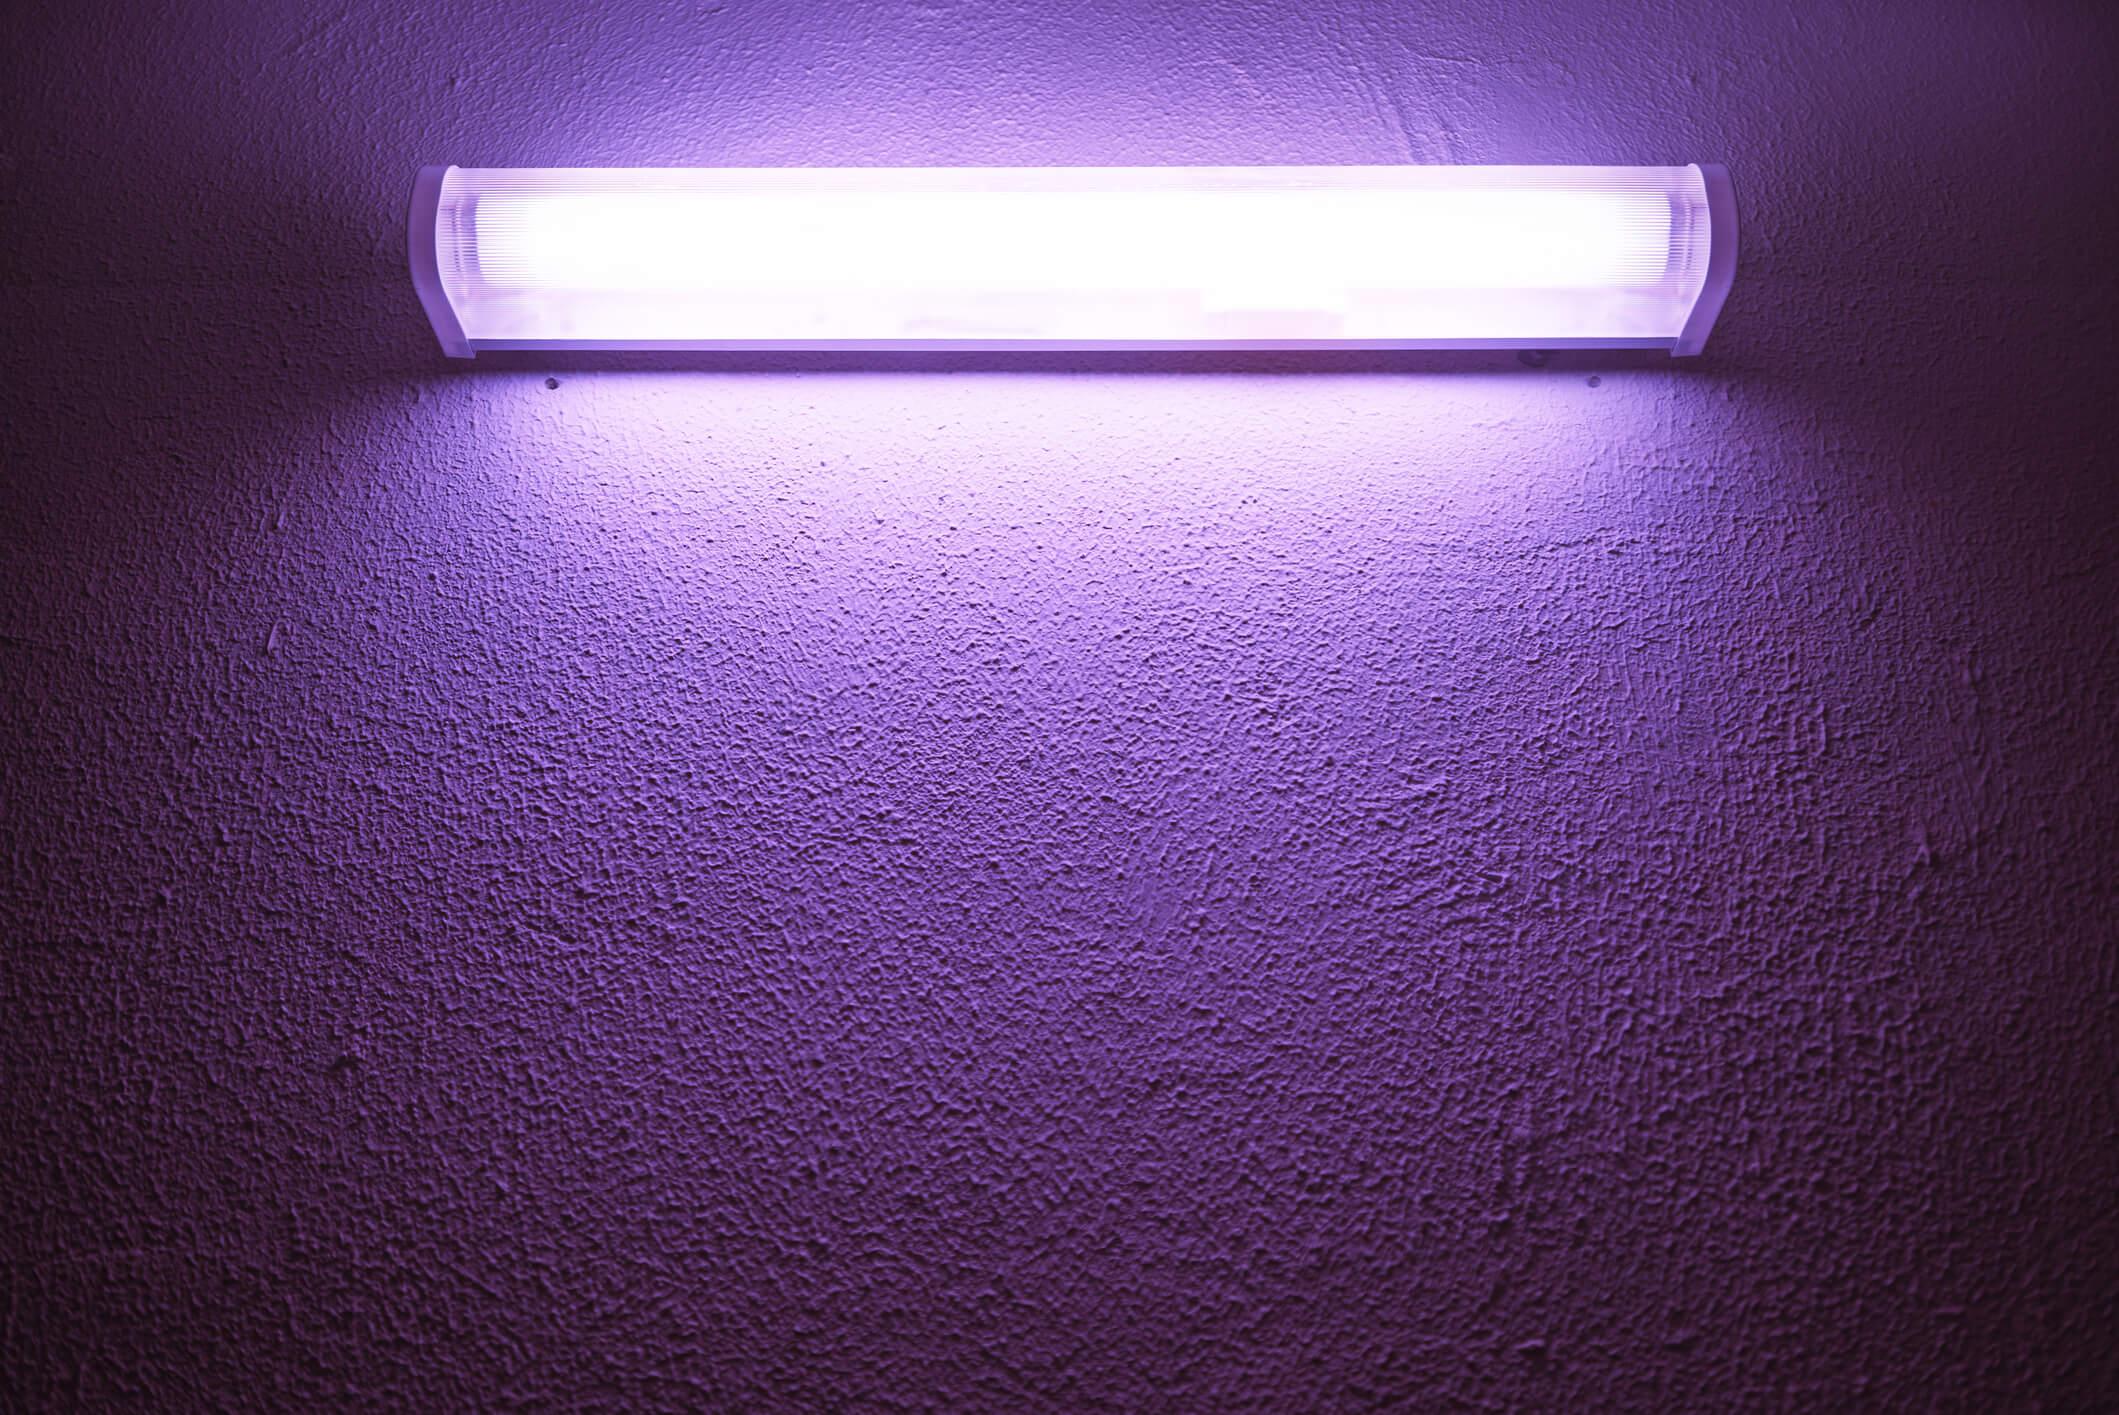 Ультрафиолетовая лампа дома: насколько она эффективна? - hi-news.ru